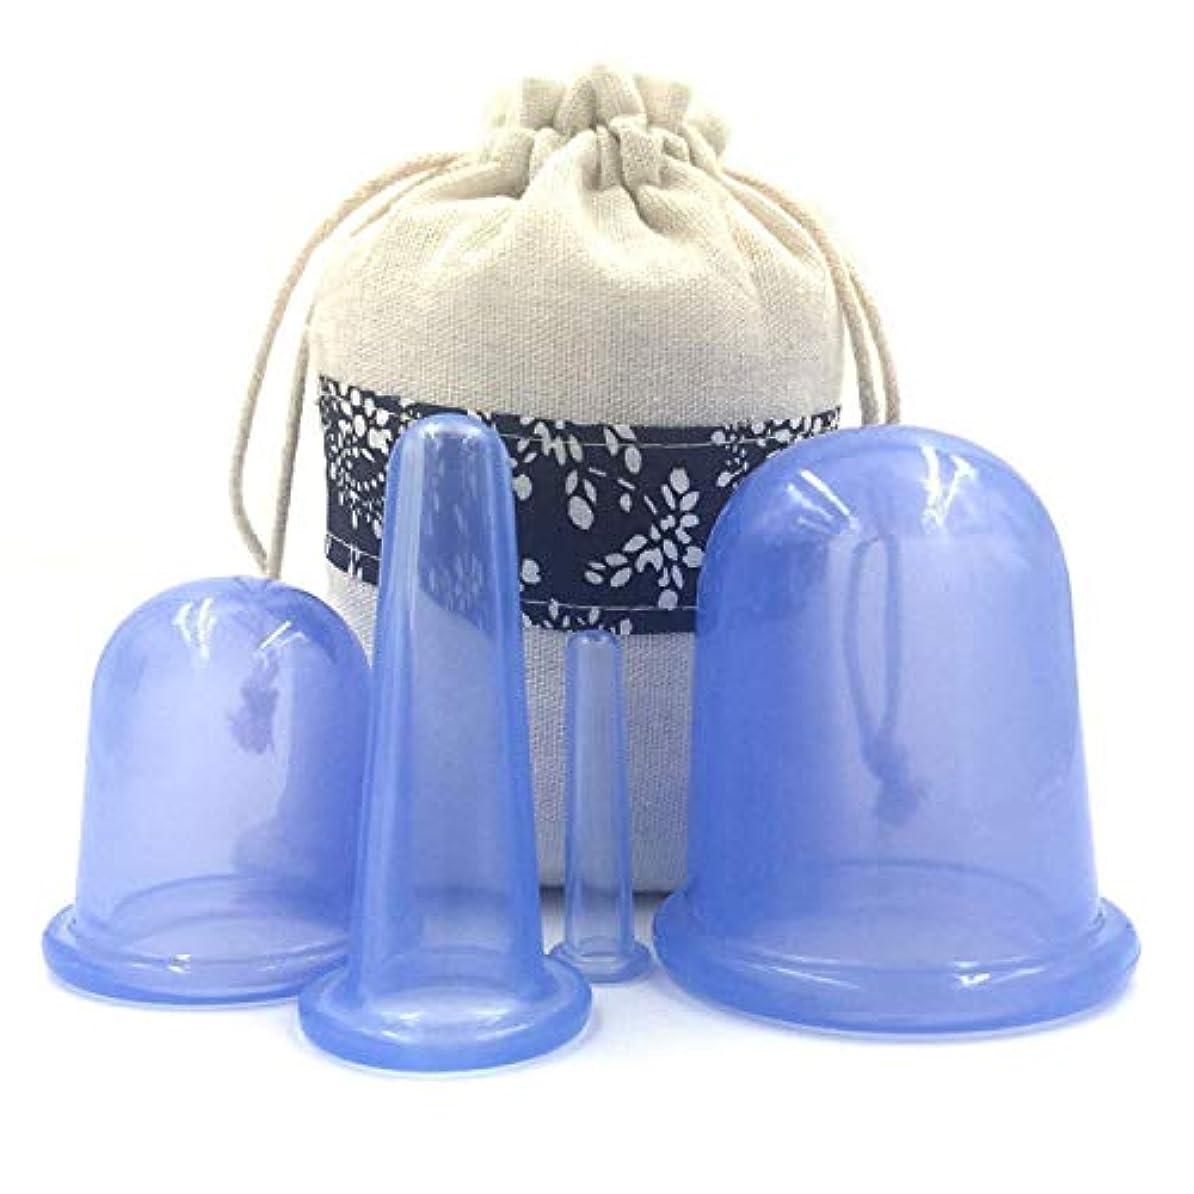 保安死の顎アーチセルライトカッピング療法シリコーンカッピングセット家庭用水分カッピングカッピングマッサージカップ